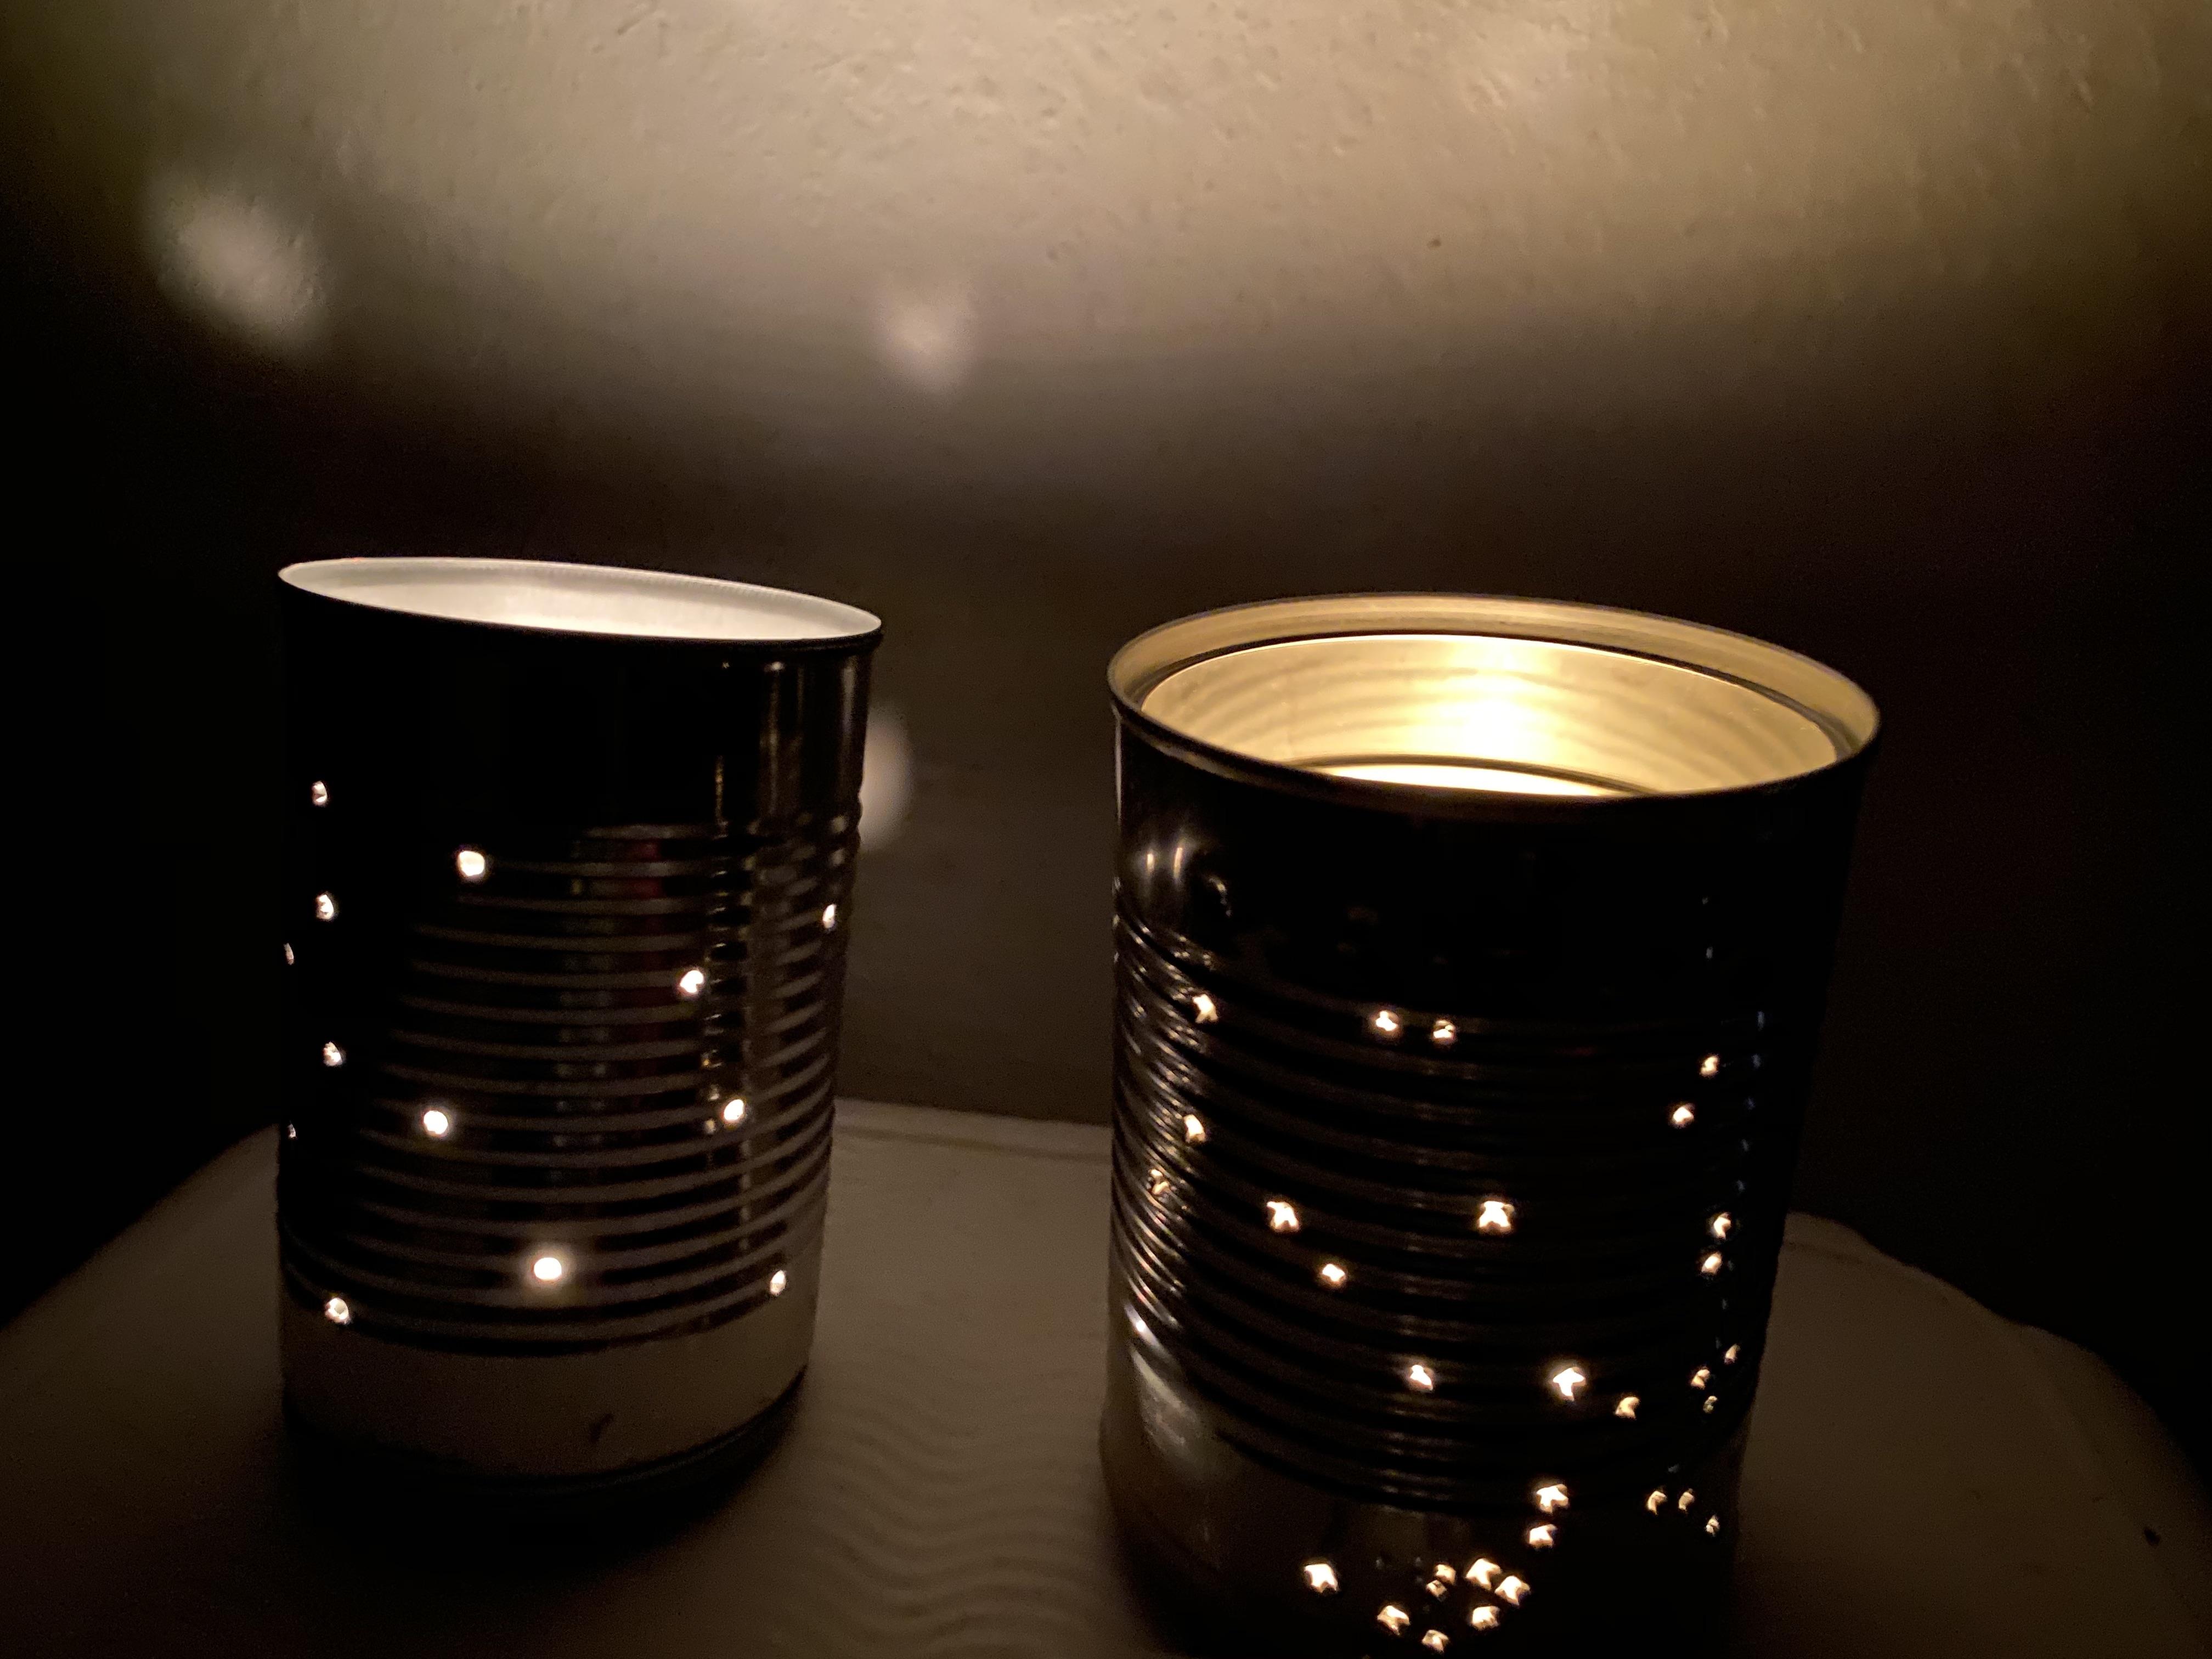 glowing lantern - front